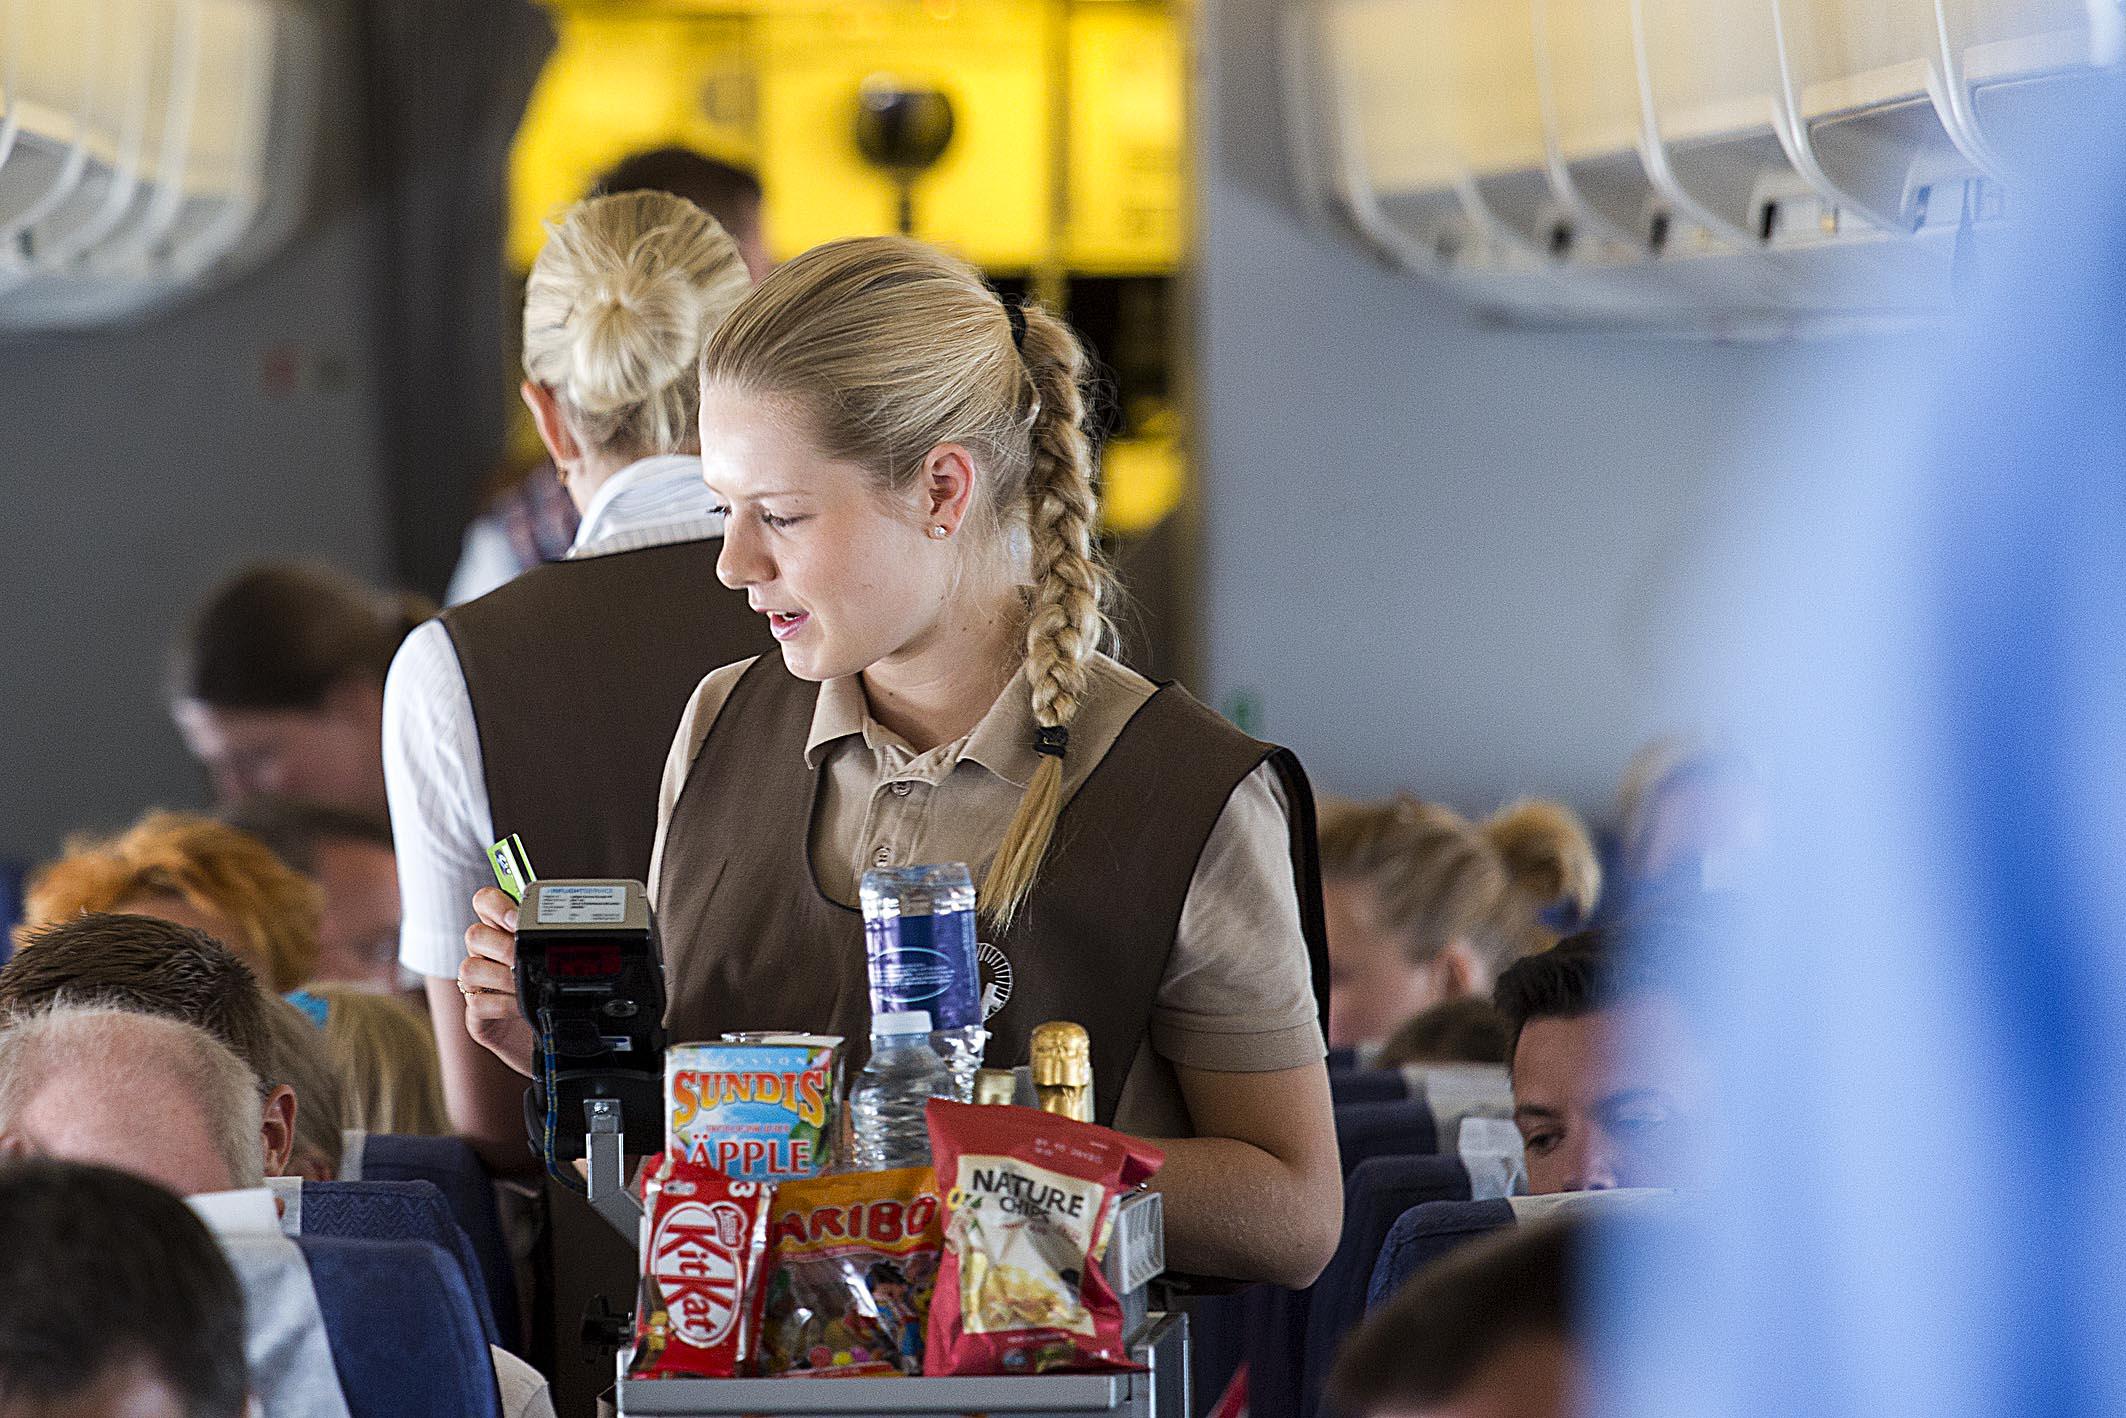 Jet Time vil fortsat servere alkohol på alle tider af døgnet. Foto: Thorkild Jensen.